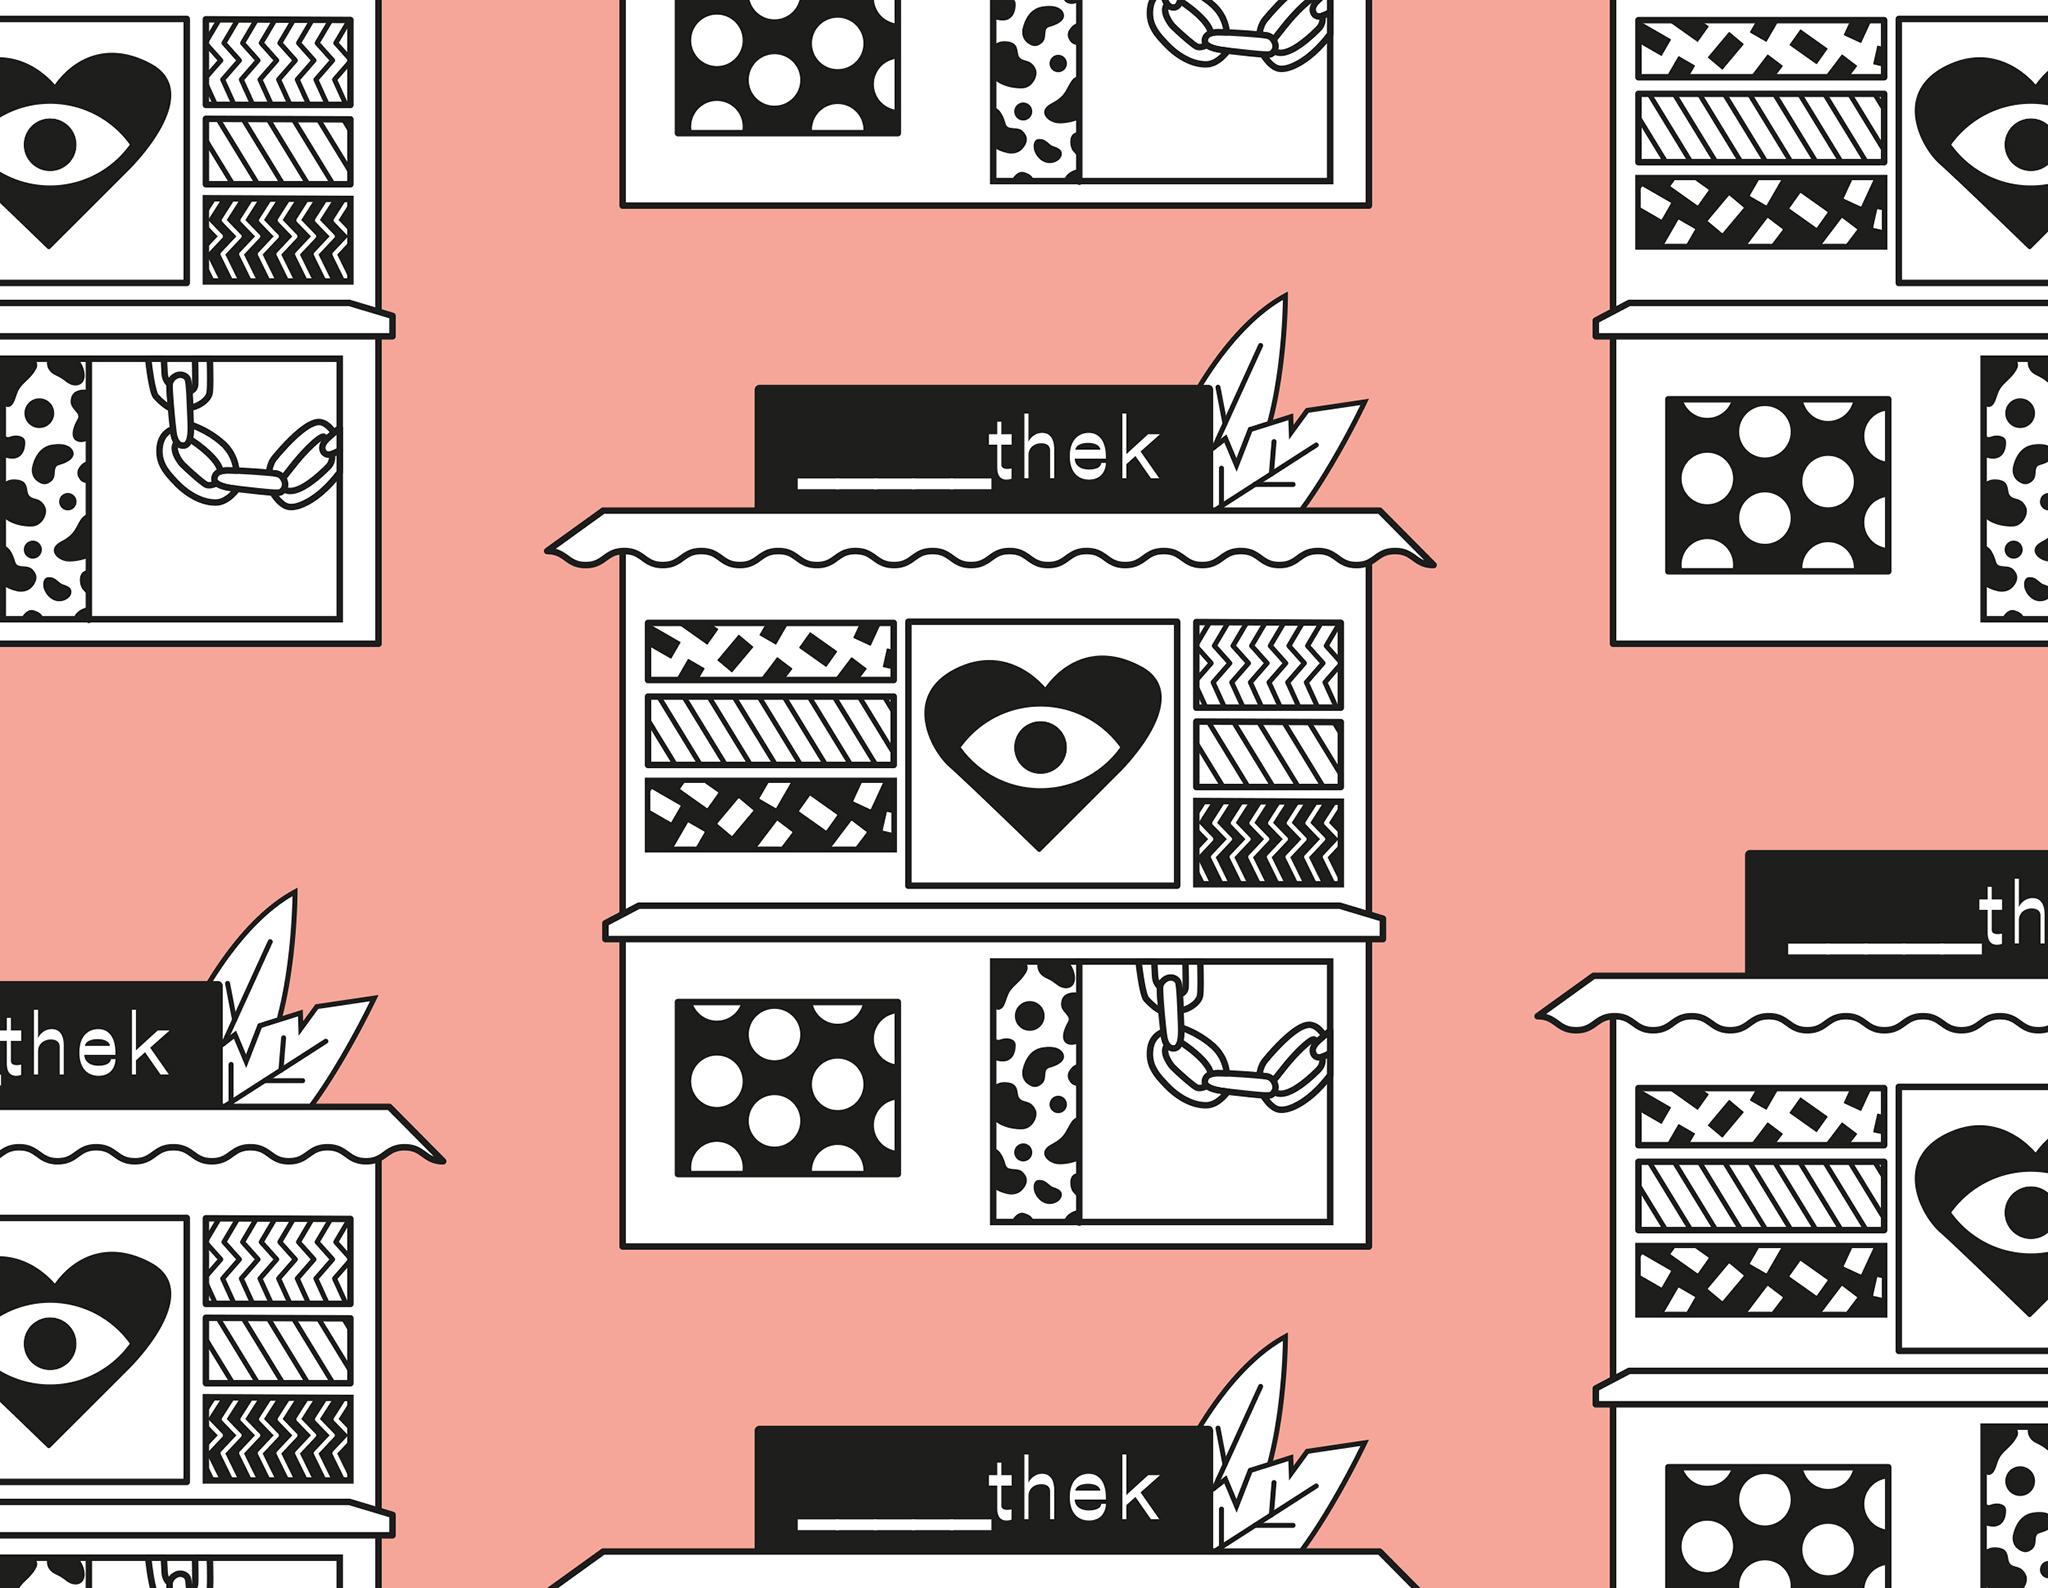 pin_design_thek